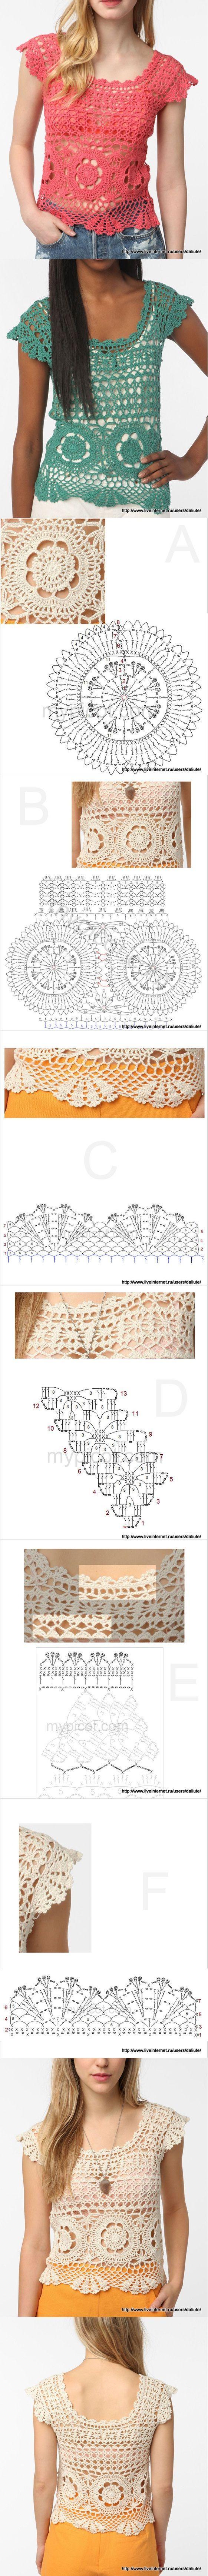 Luty Artes Crochet: Blusas em Crochê + Gráfico .